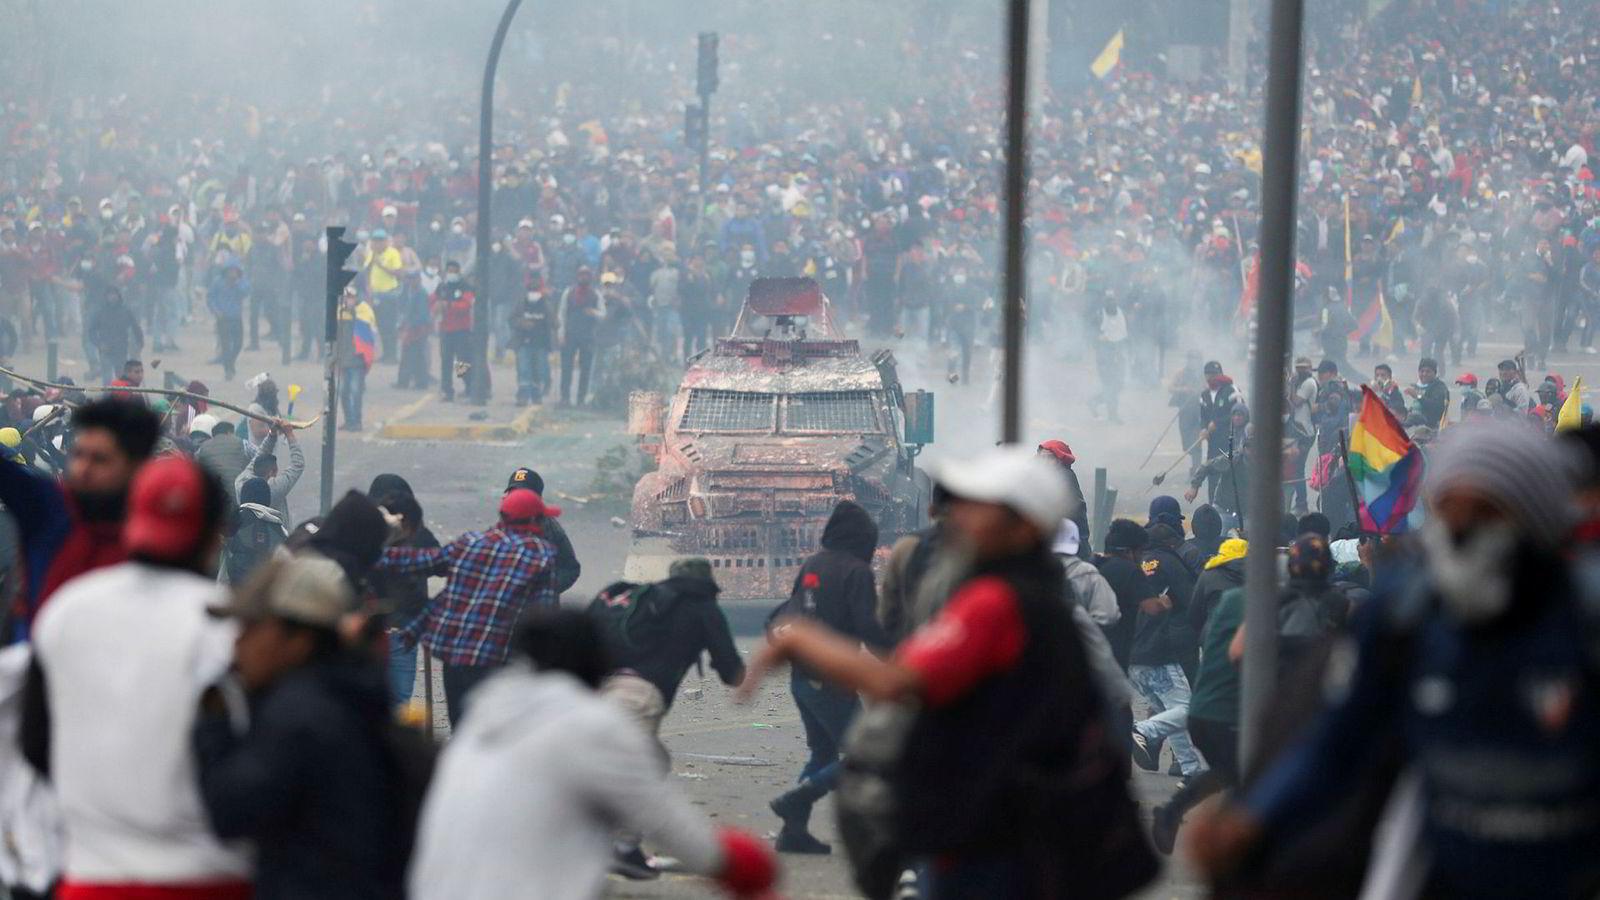 Ecuador innfører portforbud i enkelte områder. Det har de siste dagene vært omfattende protester på grunn av økte drivstoffpriser.